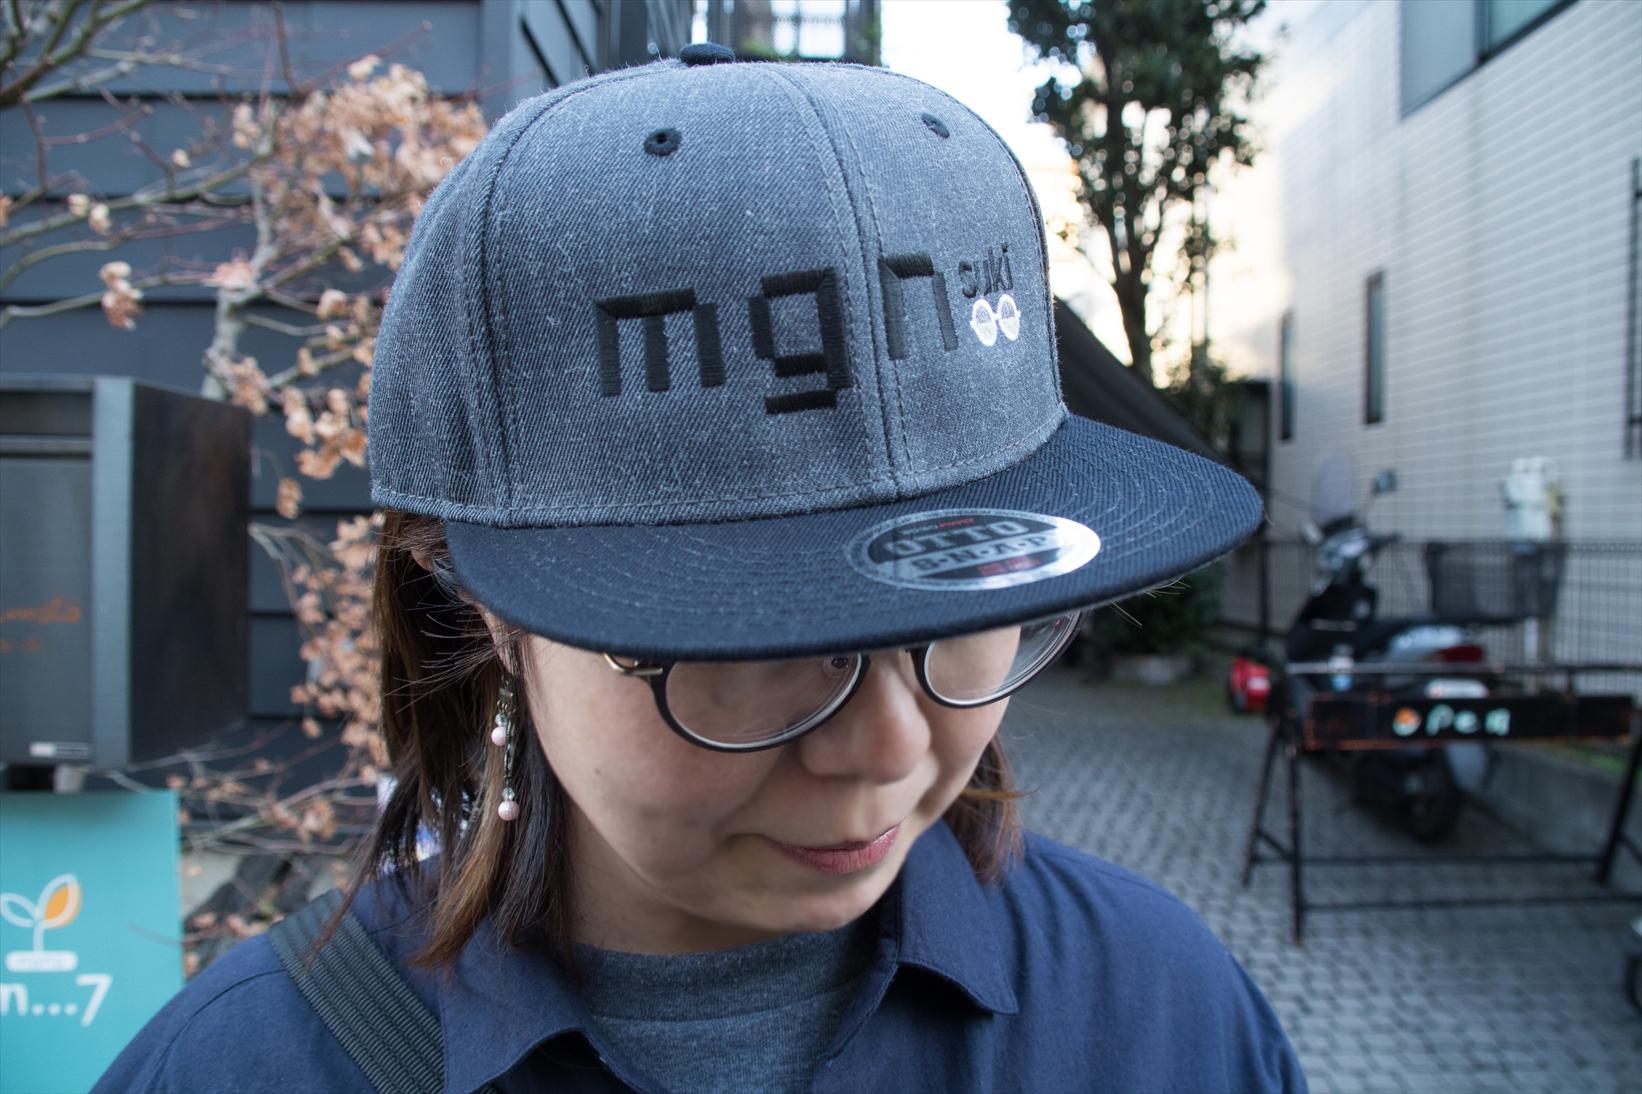 mgn(メガネ)sukiキャップ(単品)【送料込】